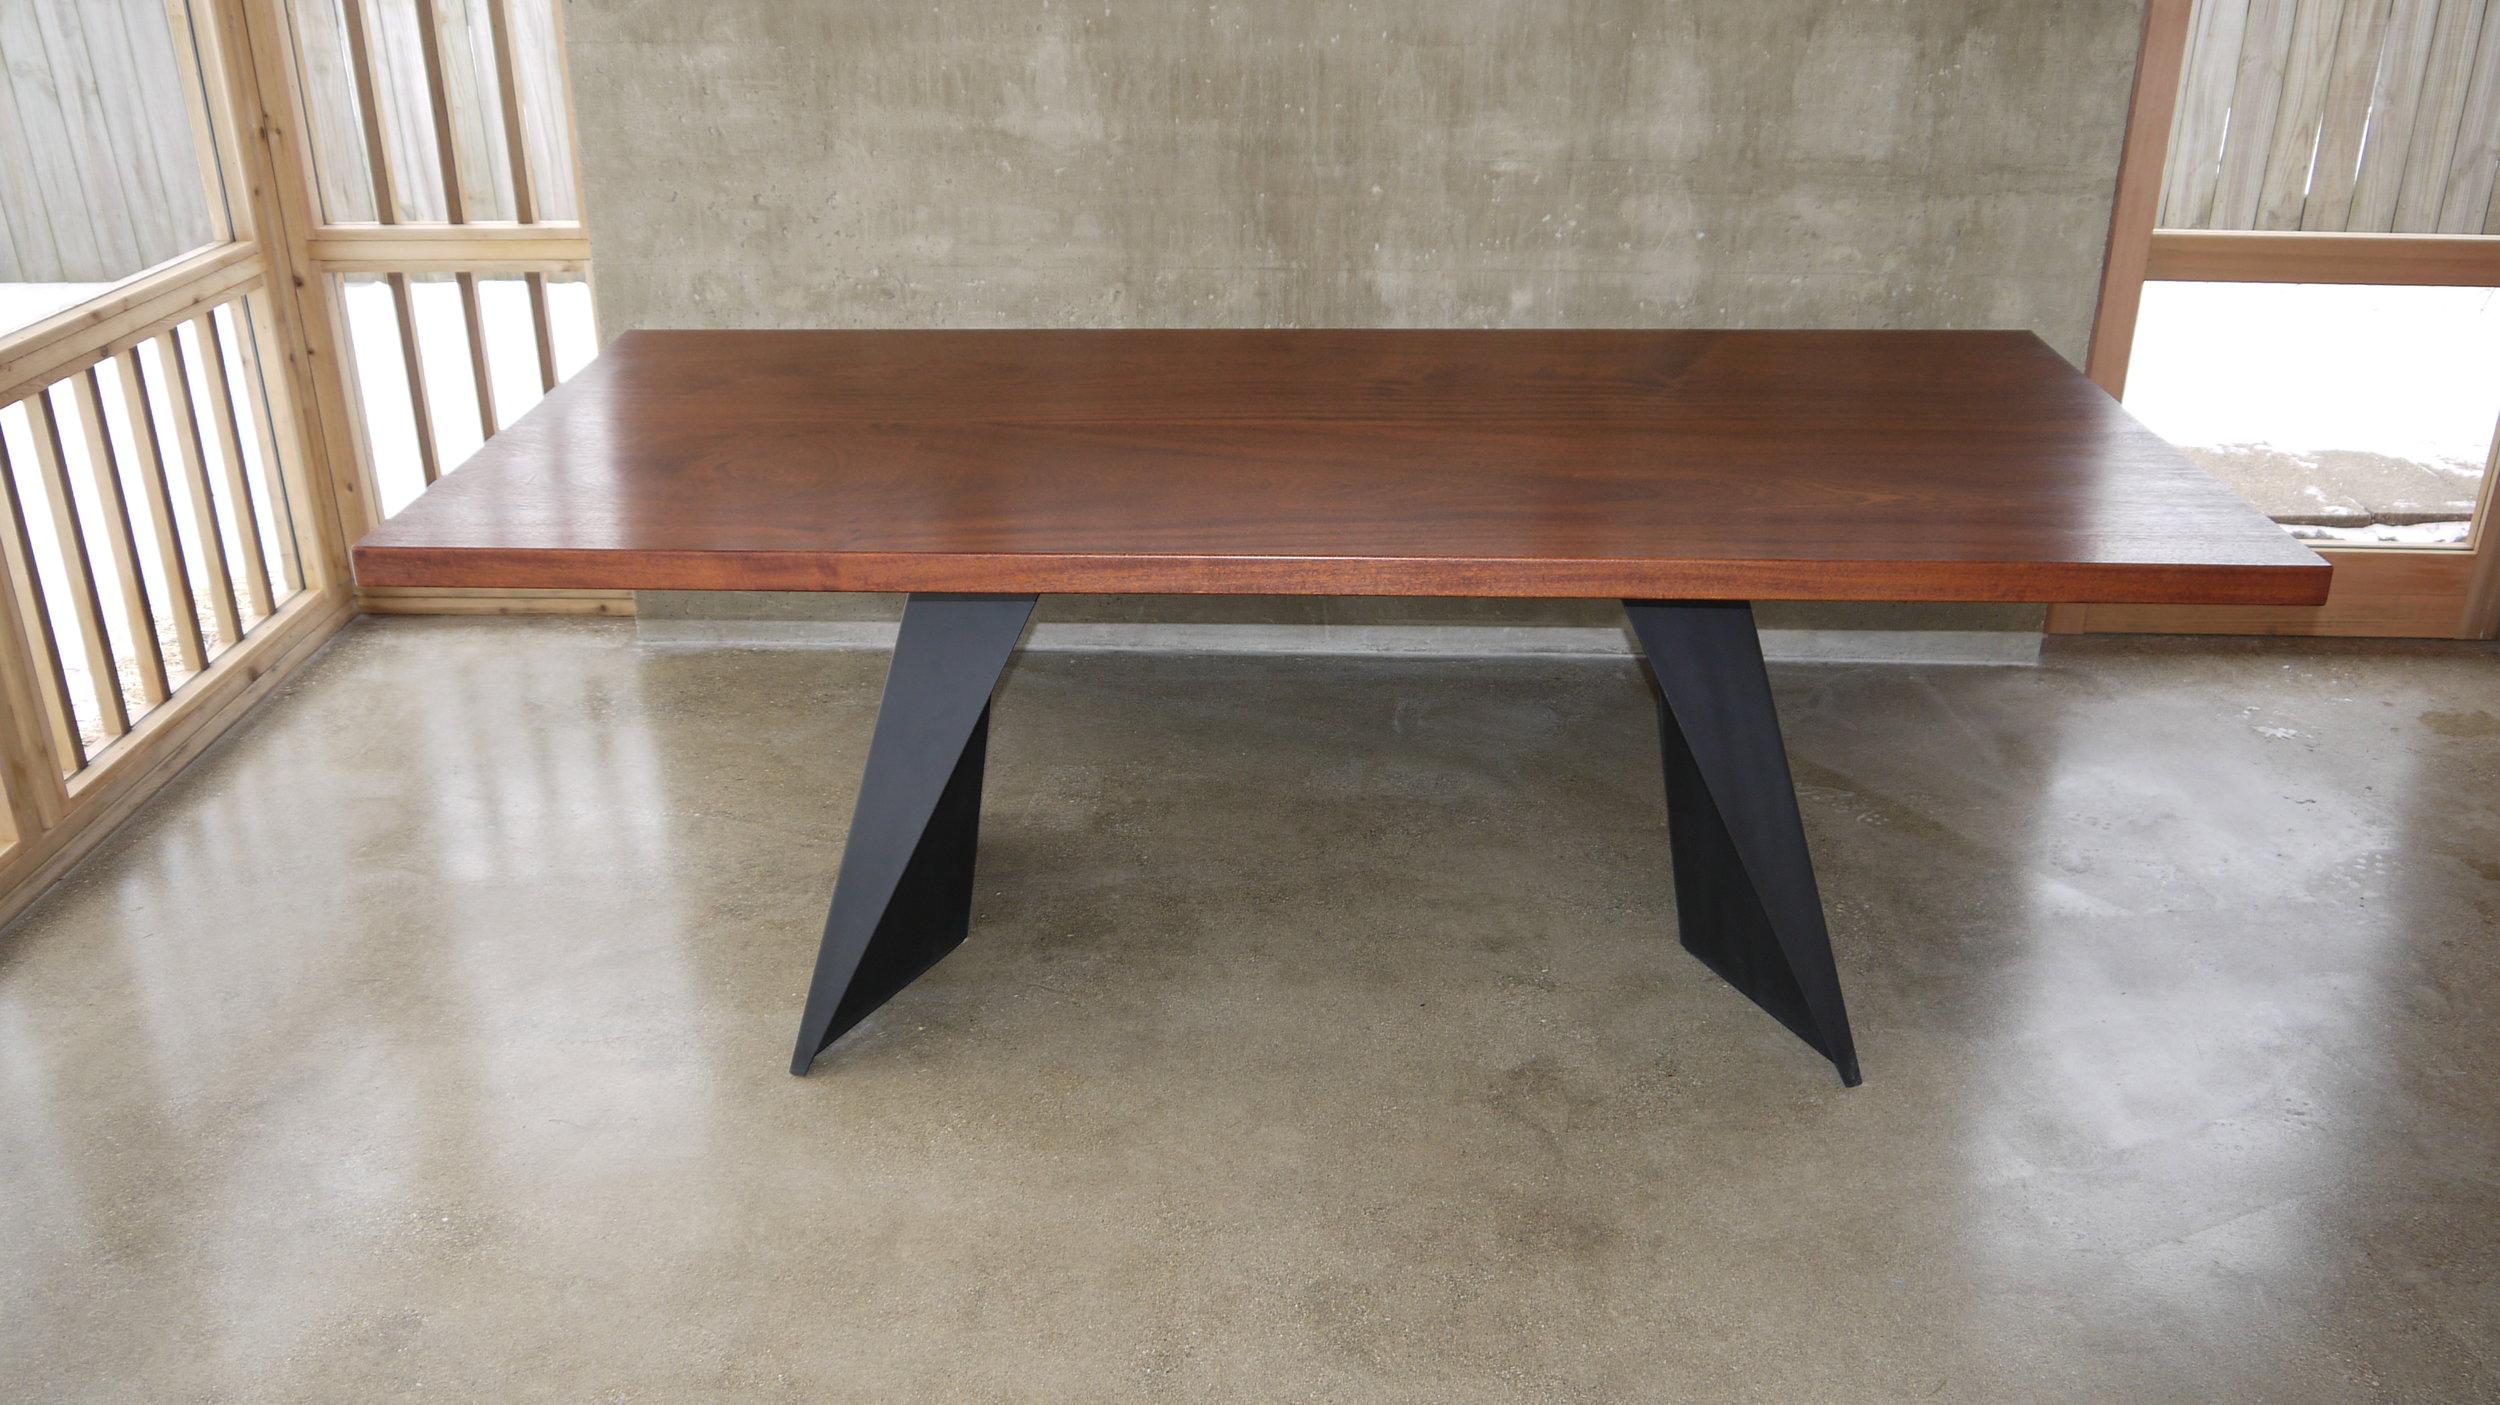 Livingston_Street_Residence_Furniture_Table_Bench.JPG